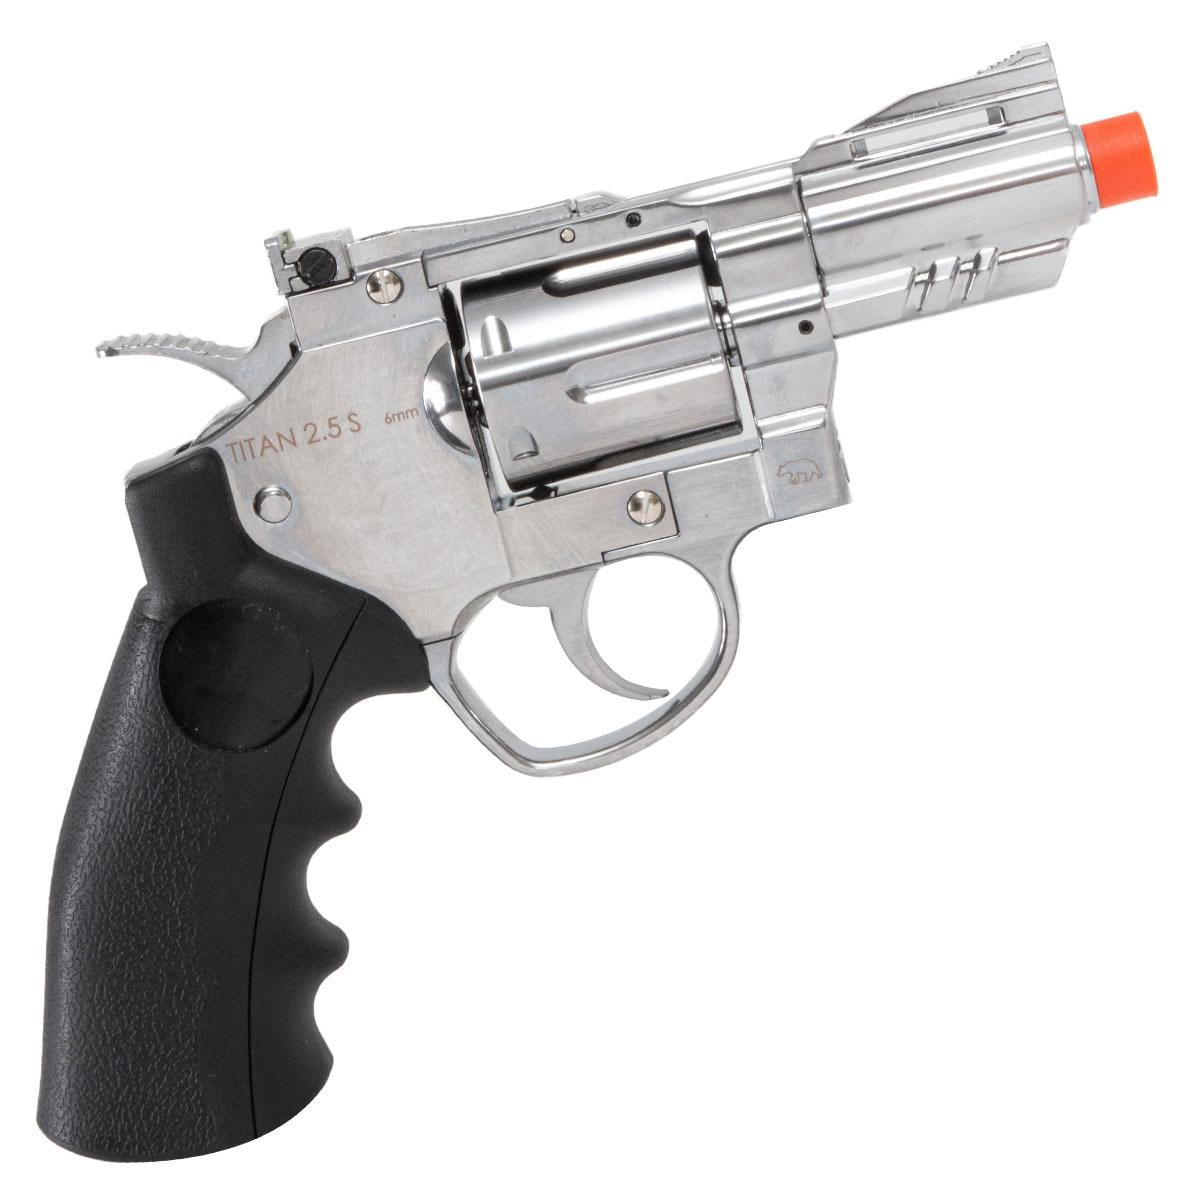 Revolver de Airsoft Titan 2.5 S QGK a Gás Co2